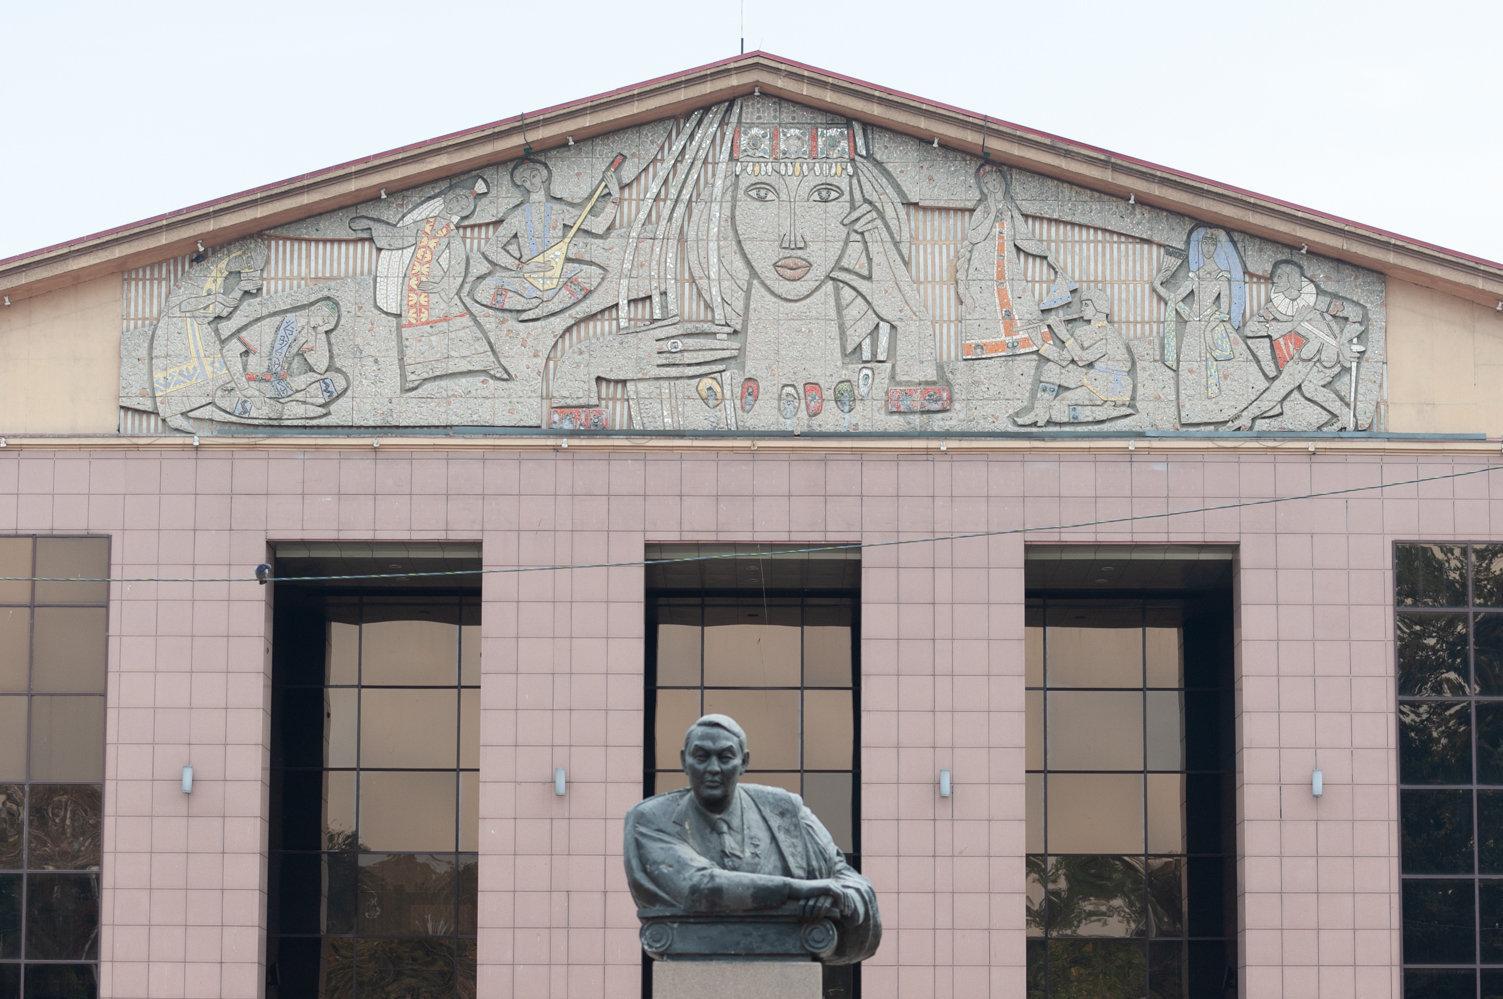 Барельеф с мозаикой на здании ТЮЗ им. Мусрепова, авторы Евгений Сидоркин, Олег Богомолов, 1963 год